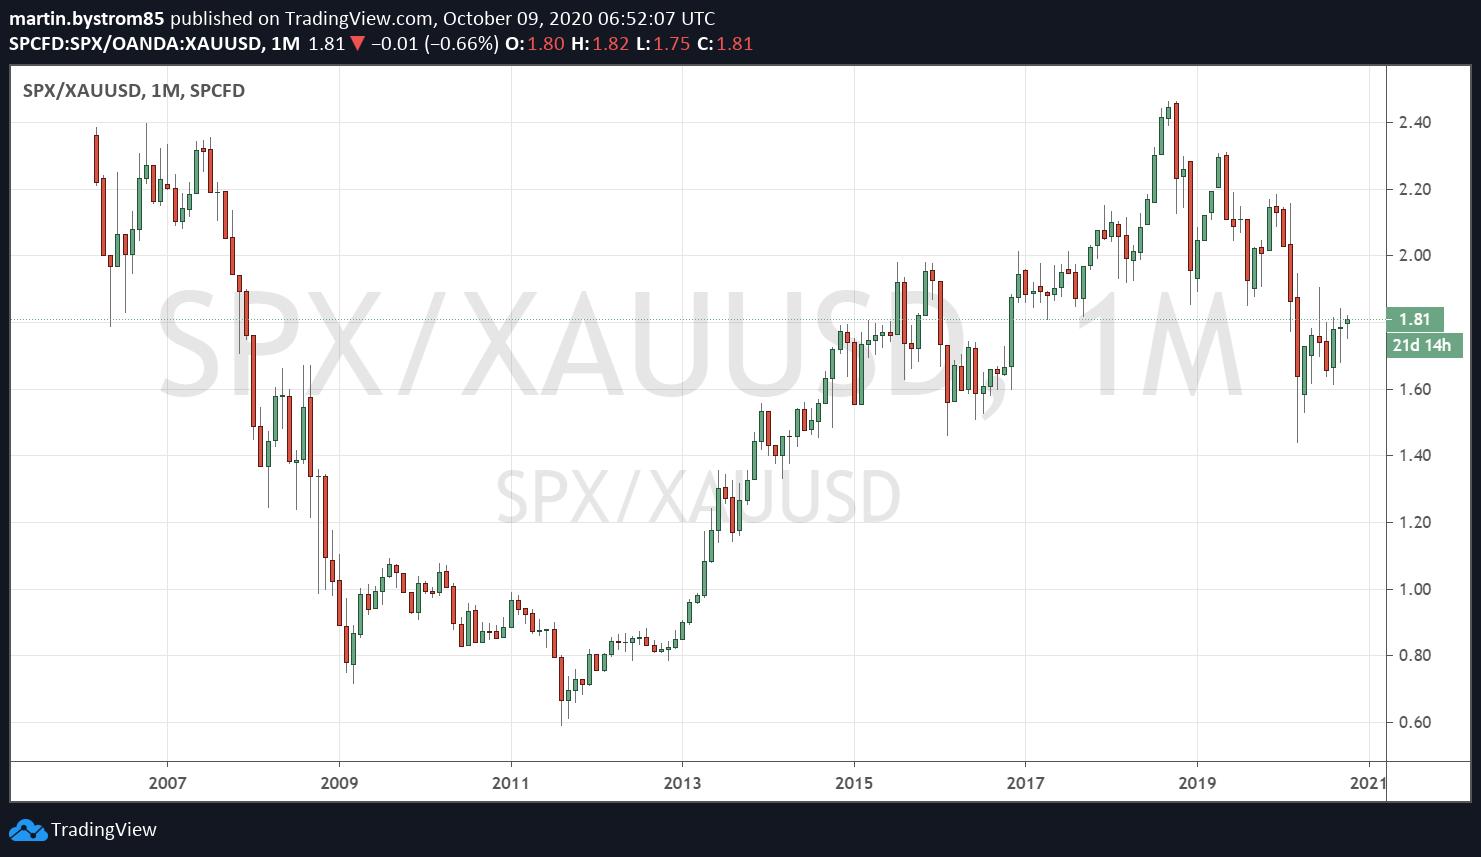 S&P 500 historisk utveckling mätt i guld.